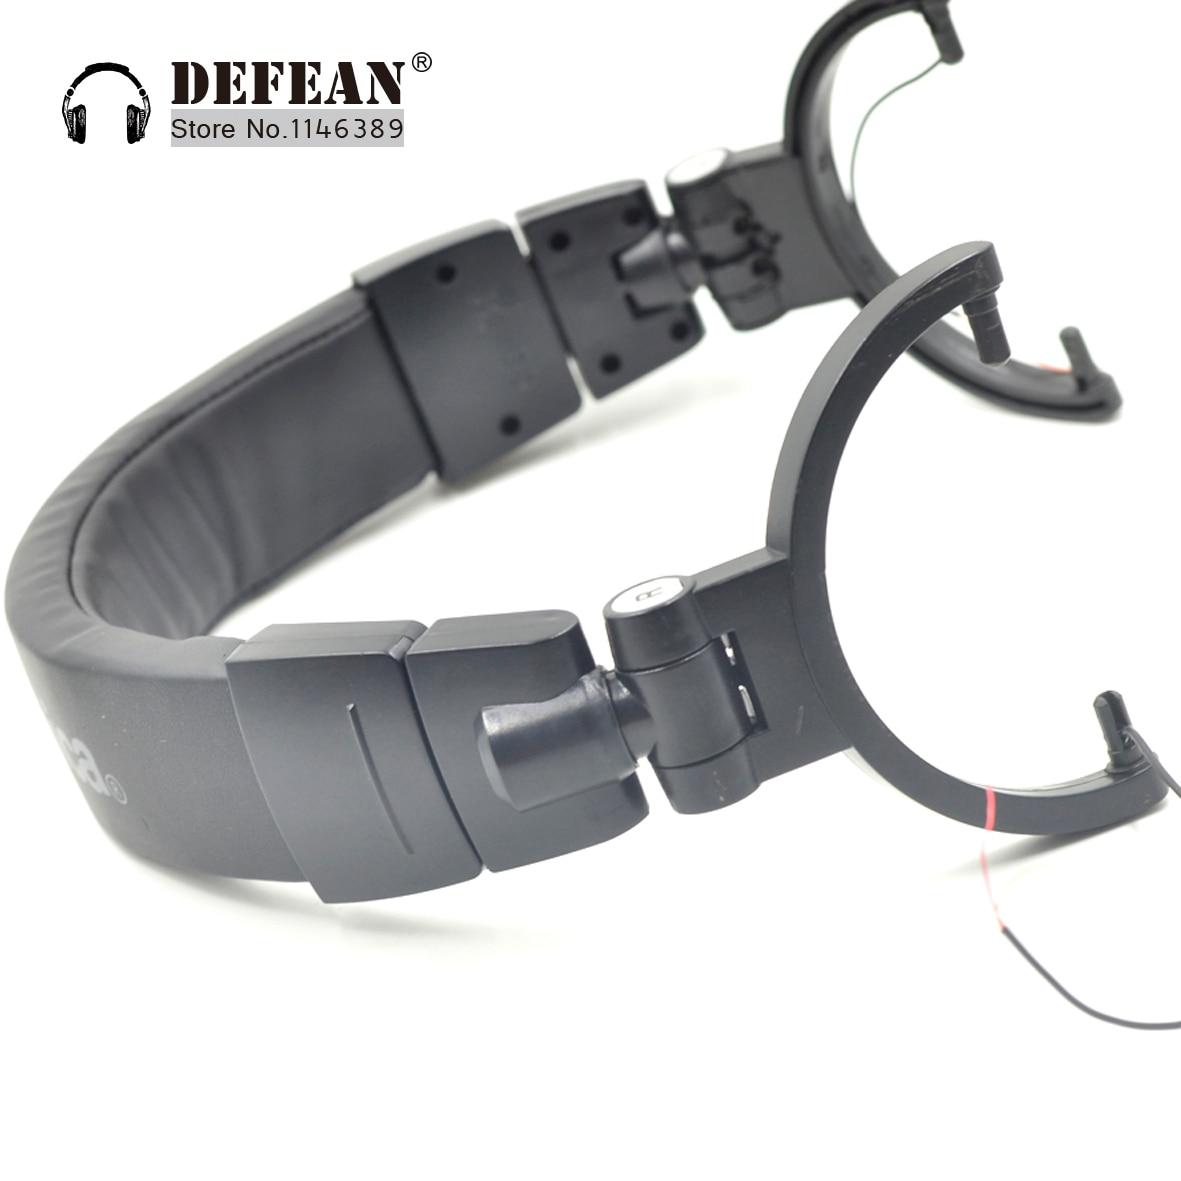 Repair Part Headband Cushion Hook For Technica Ath M50